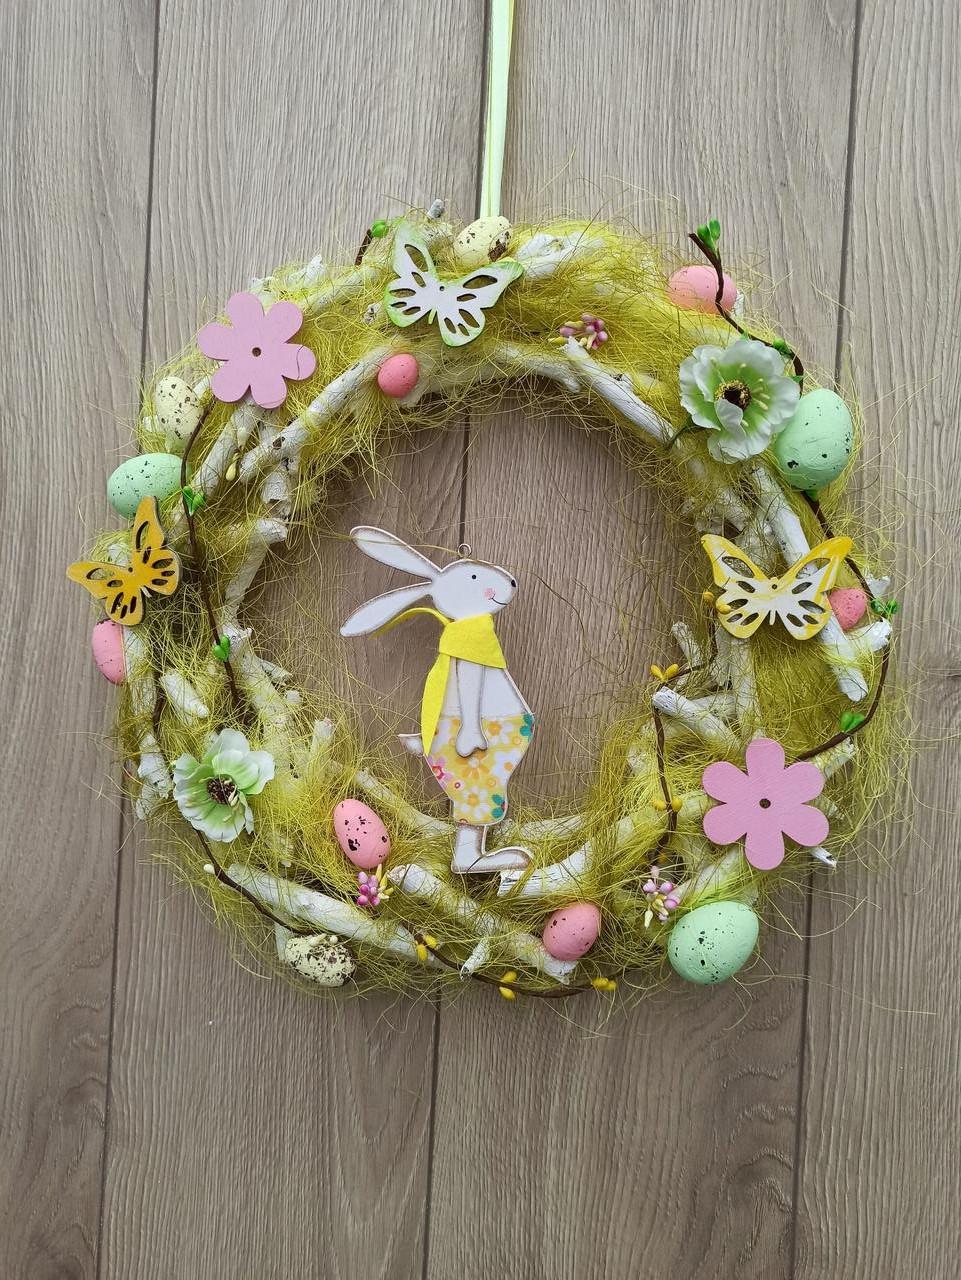 Великодній вінок з пасхальним зайцем (кроликом) як декор на двері, вітрину, стіну.